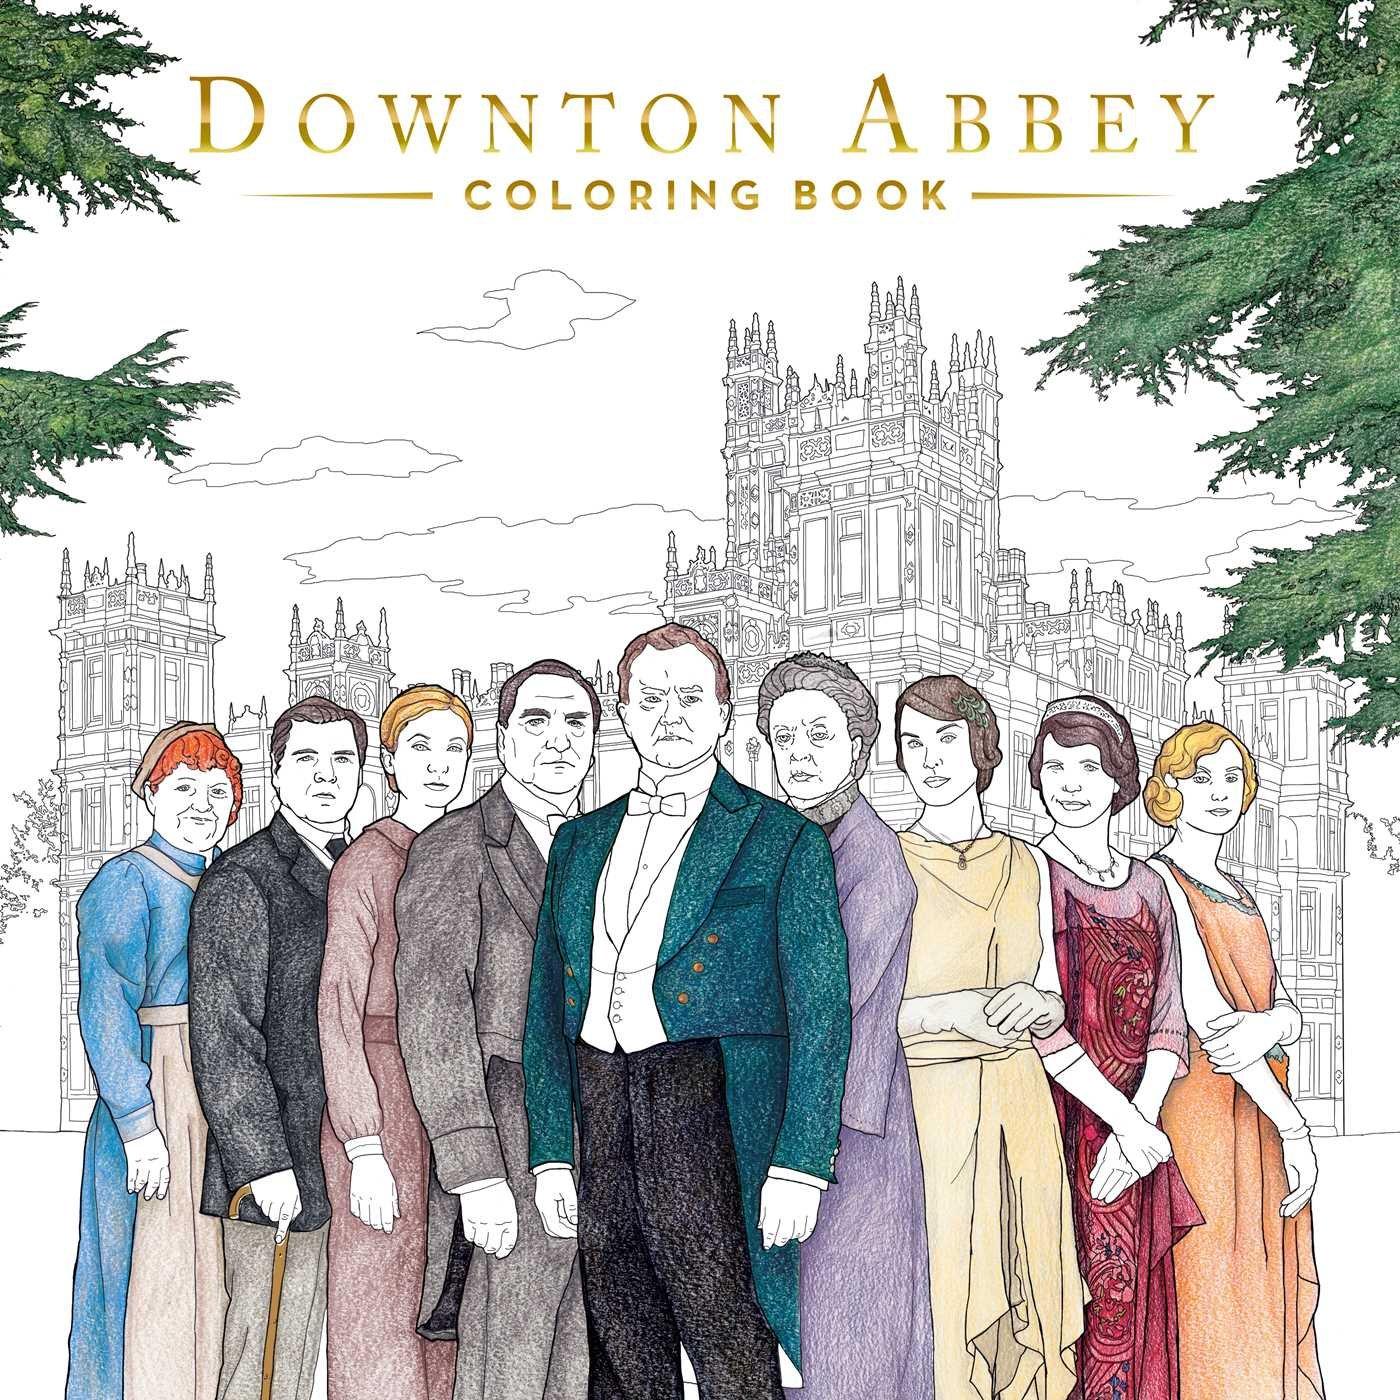 Downton Abbey Coloring Book Gwen Burns 9781499806236 Amazon Books